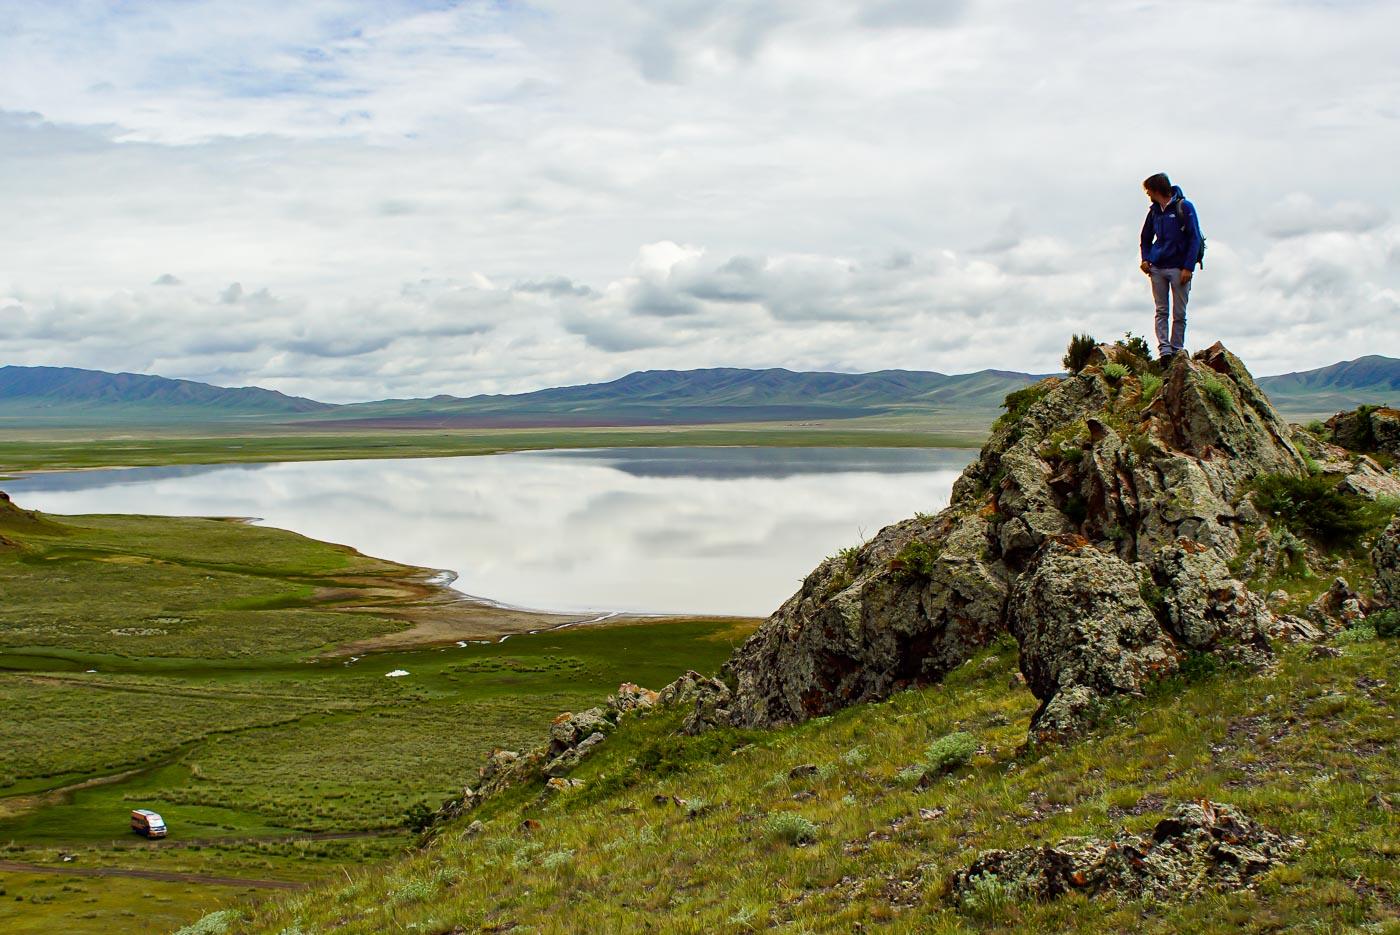 zu sehen ist wie Paul auf einem Felsvorsprung steht und in das Tal hinunter blickt dort auf einer grünen Wiese steht unser Auto im Hintergrund ist der See zu sehen in welchen sich die Wolken Spiegel dahinter wiederum erheben sich grüne Berge.